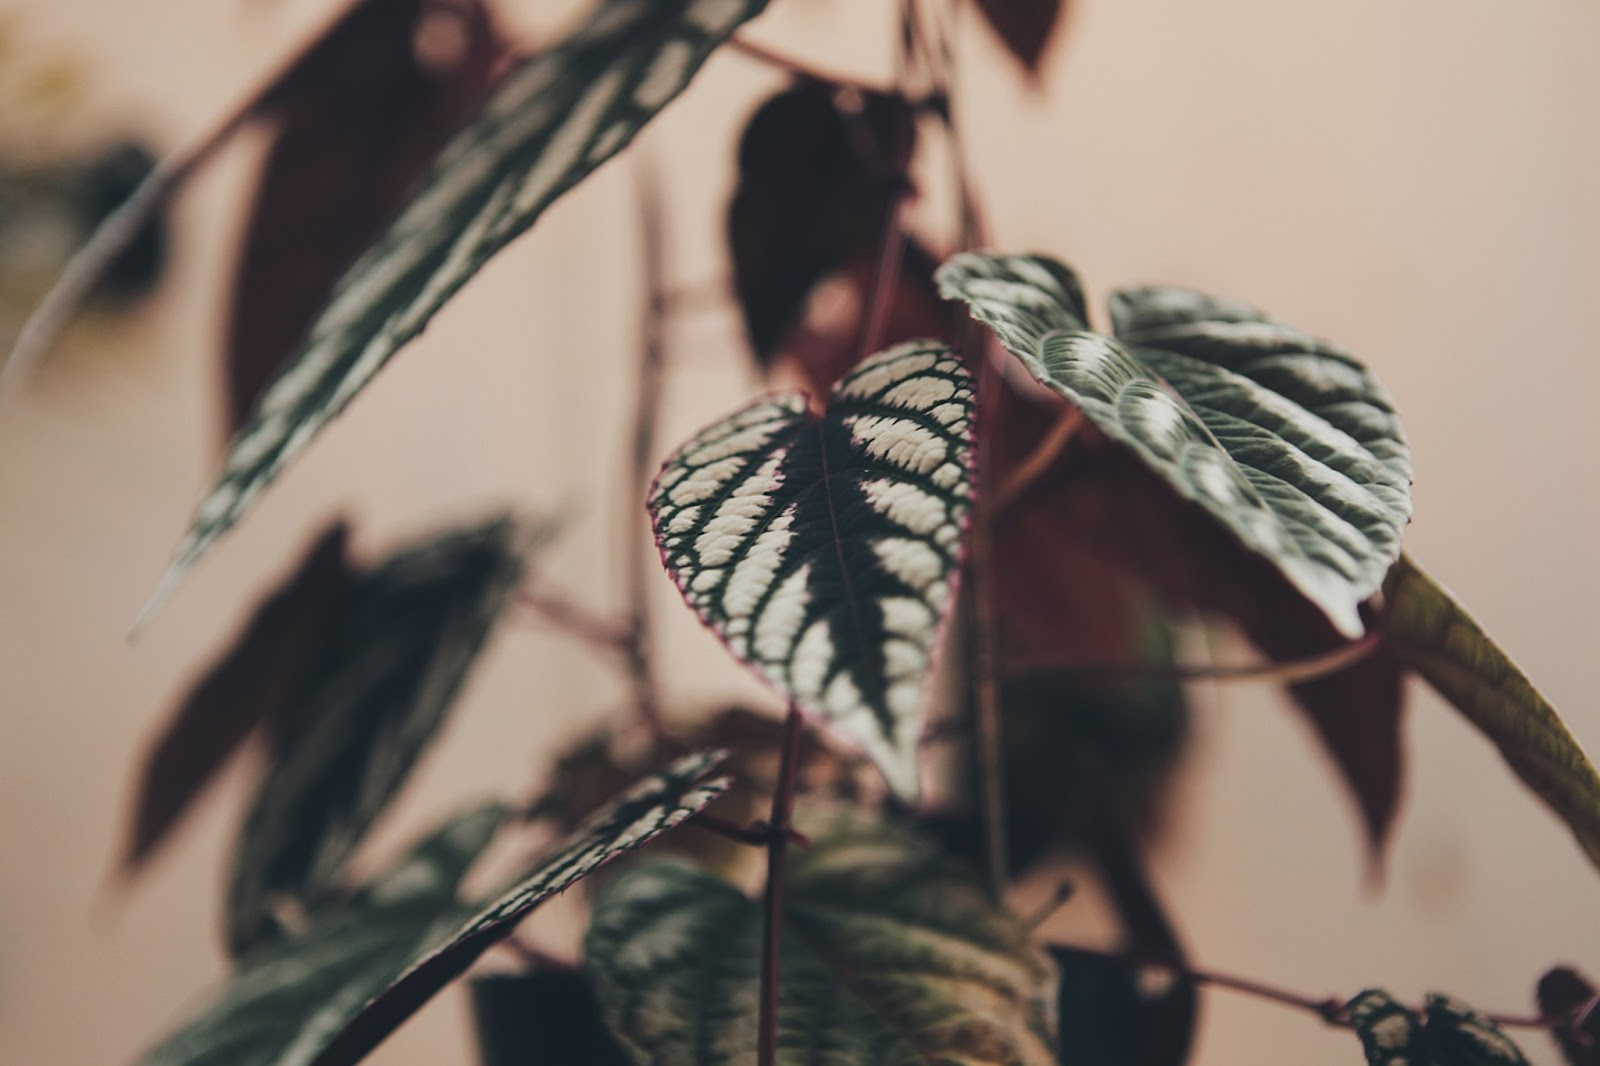 錦葉葡萄 葉面有絨布般的質感,紋路也很立體